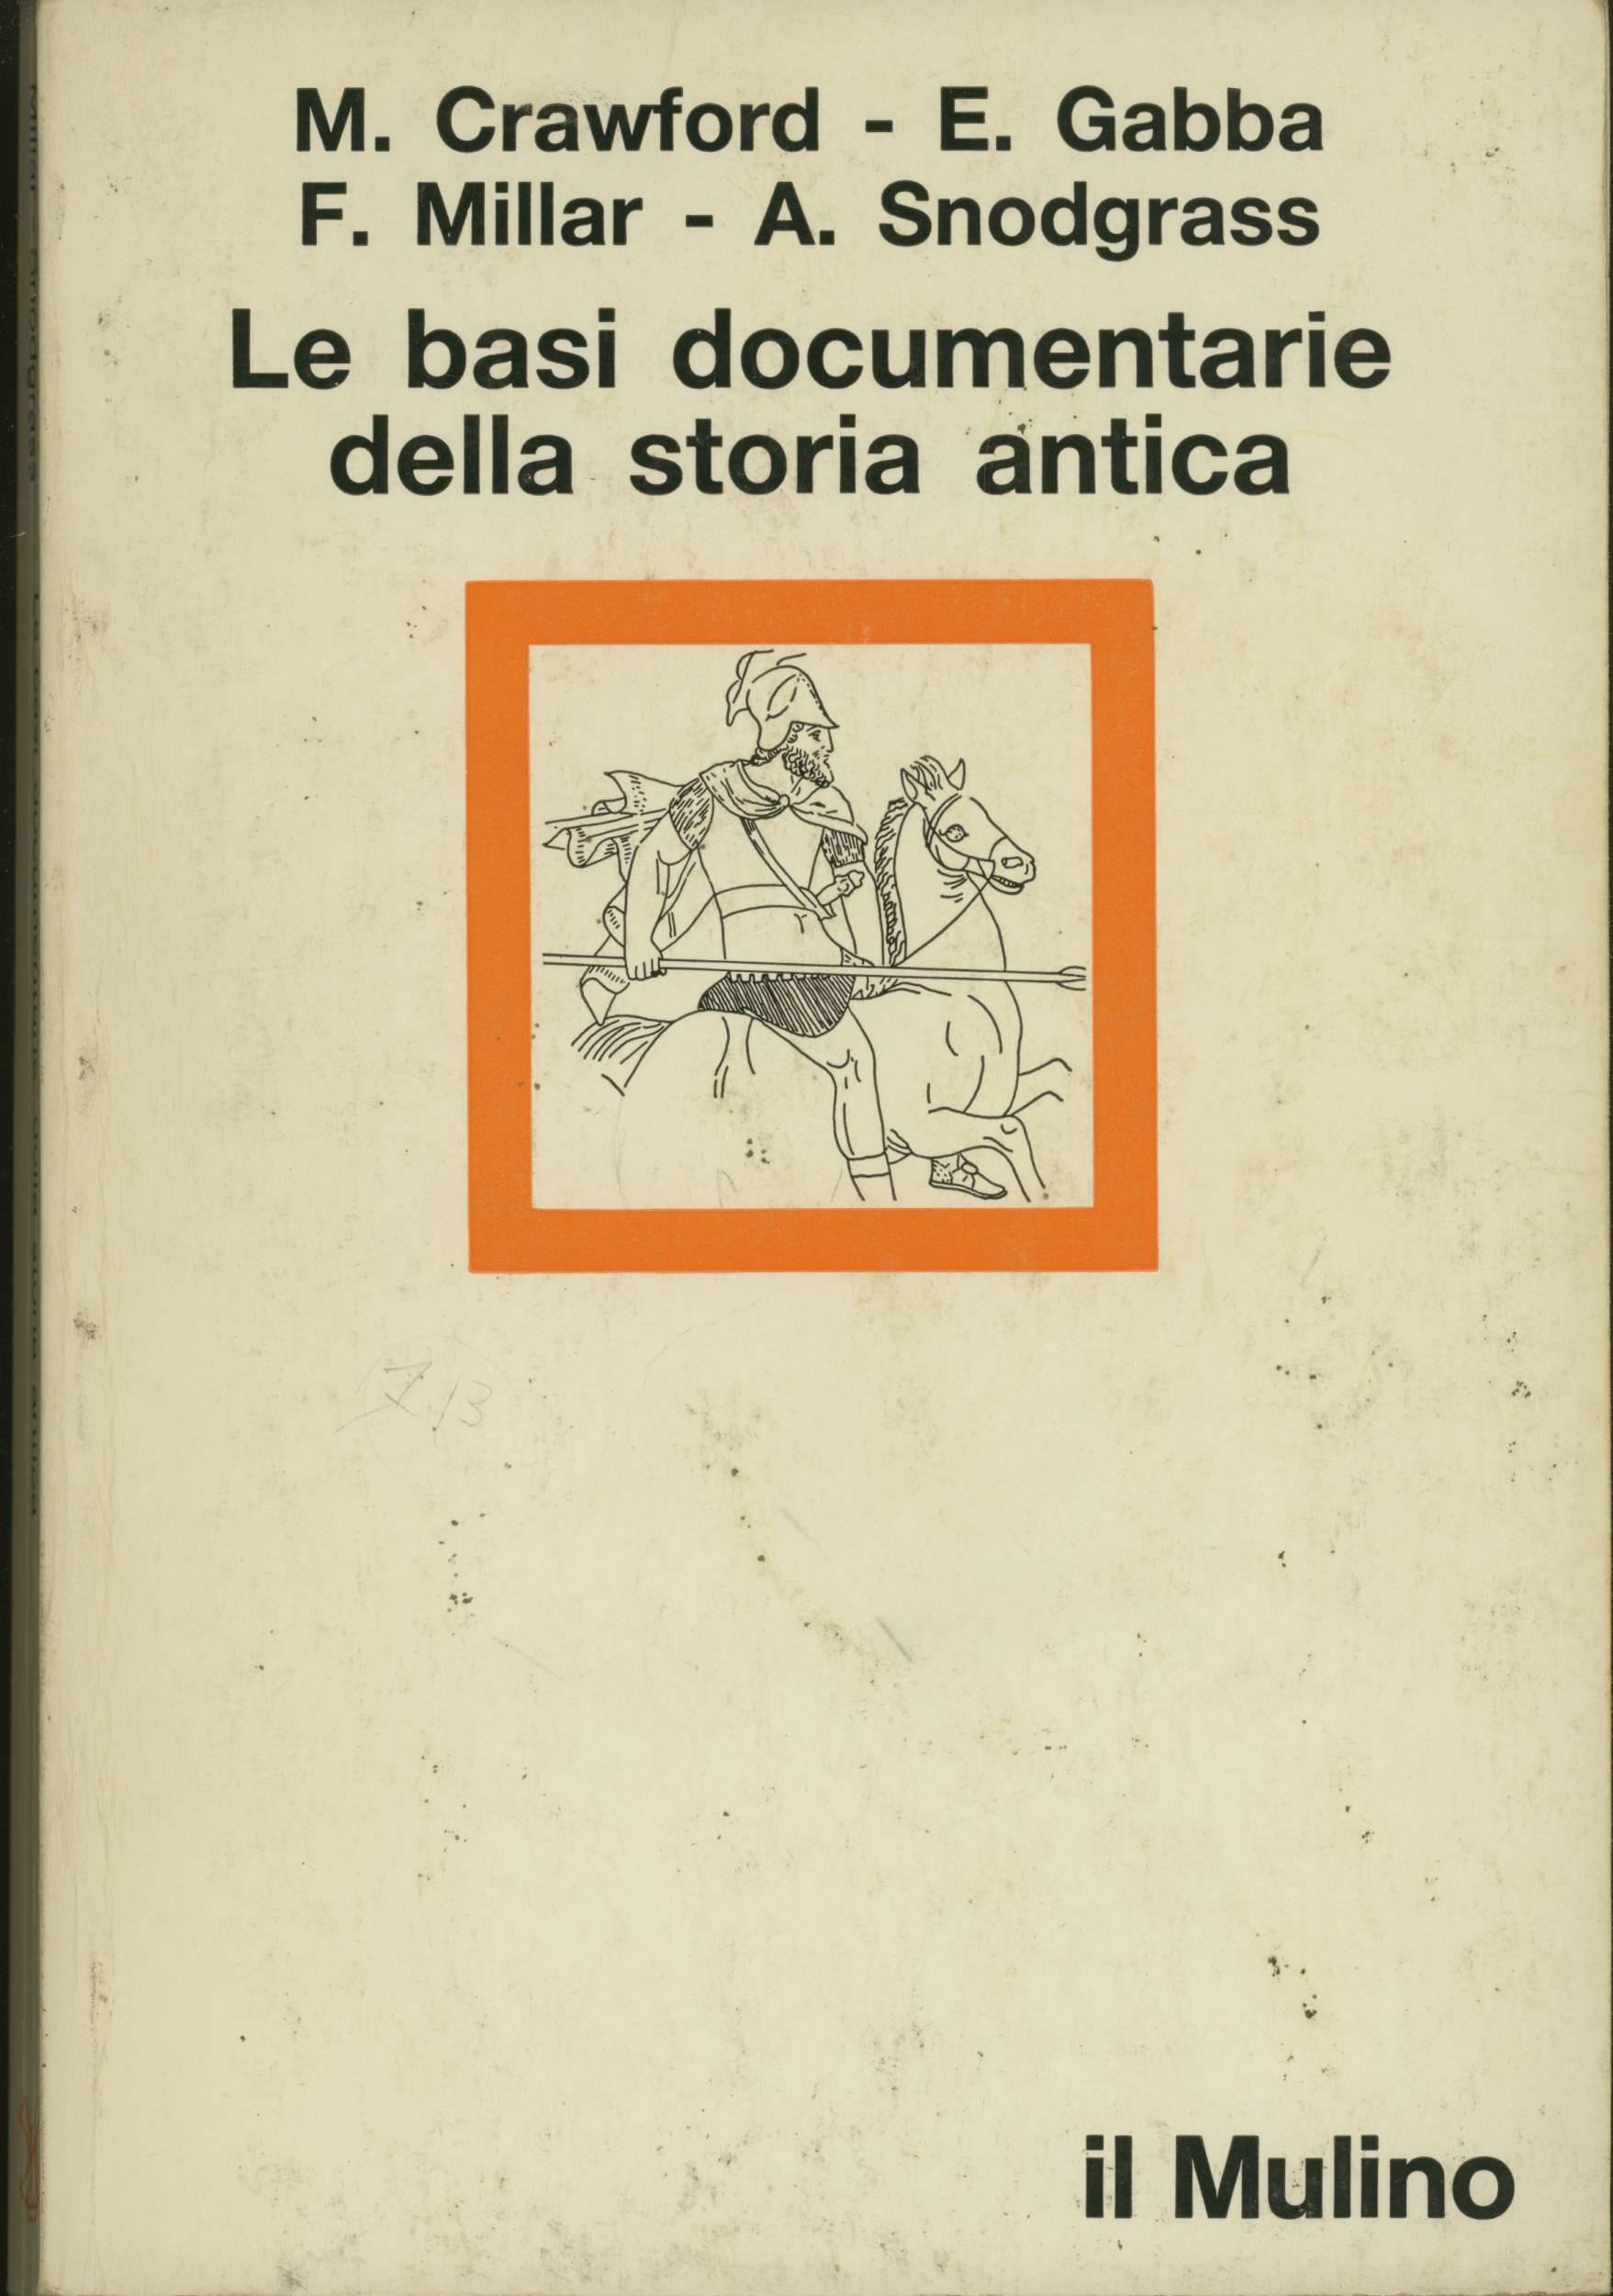 Le basi documentarie della storia antica